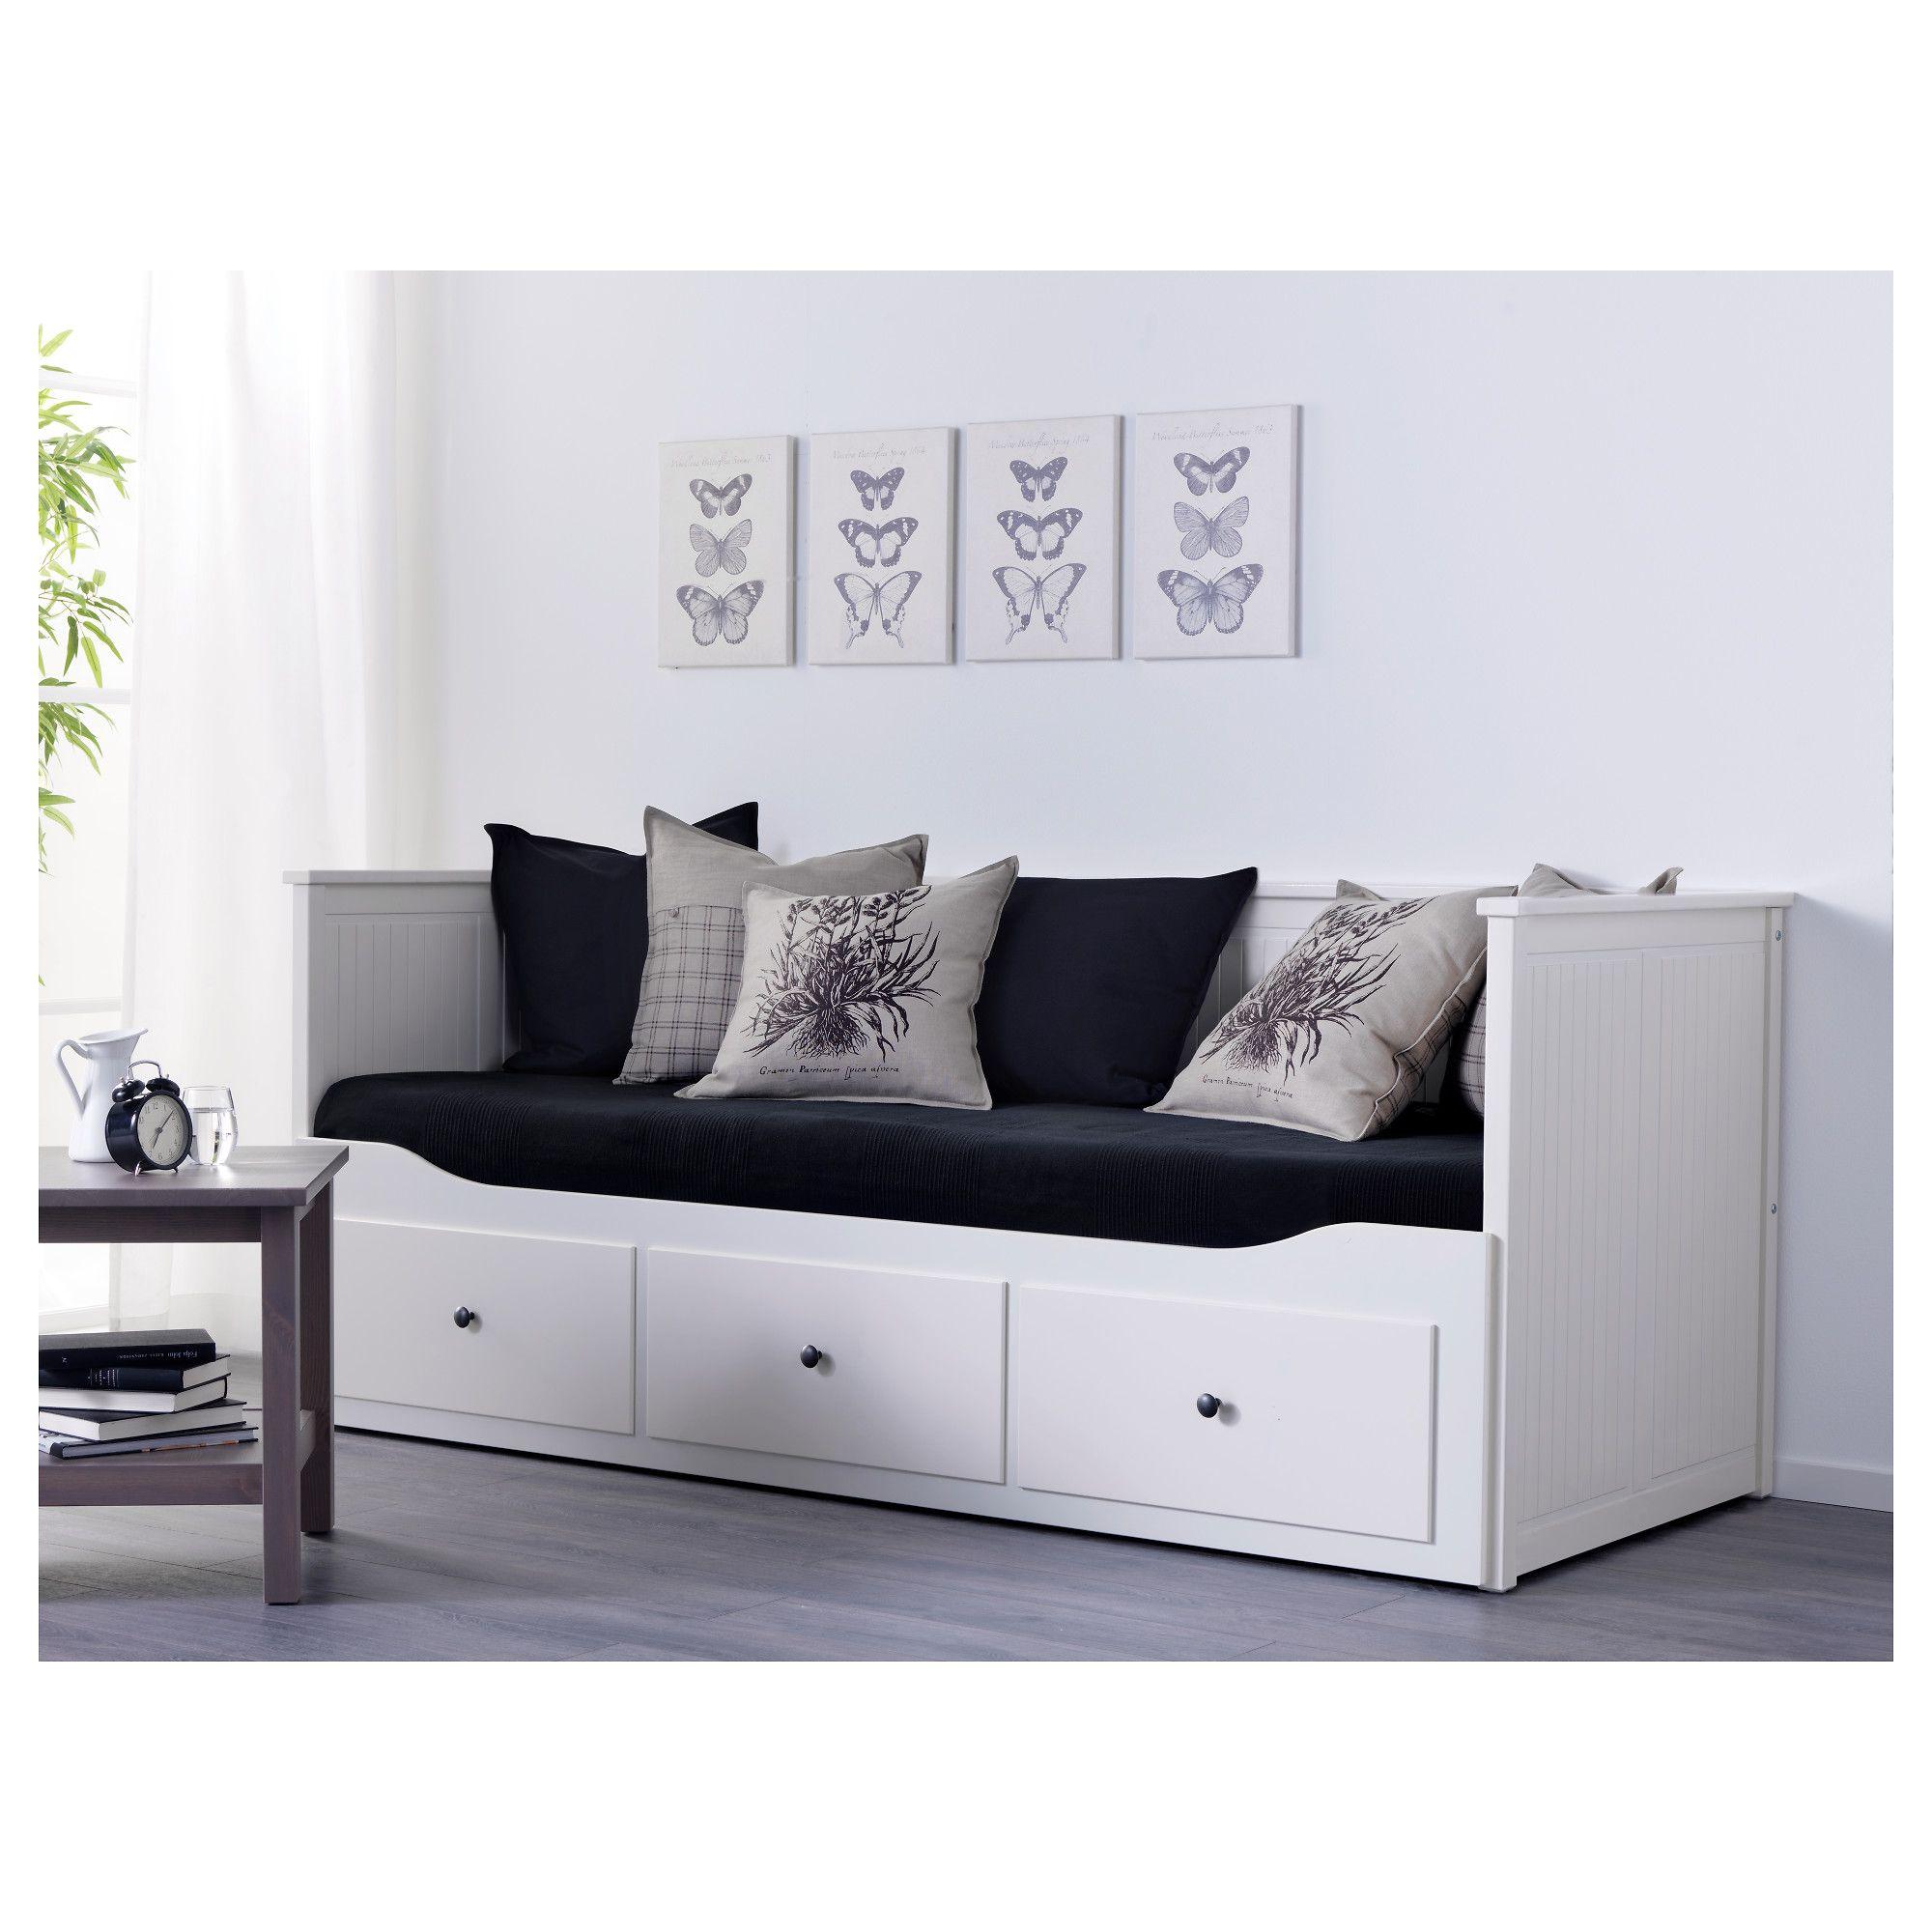 Elegant Guest Beds U0026 Fold Up Beds